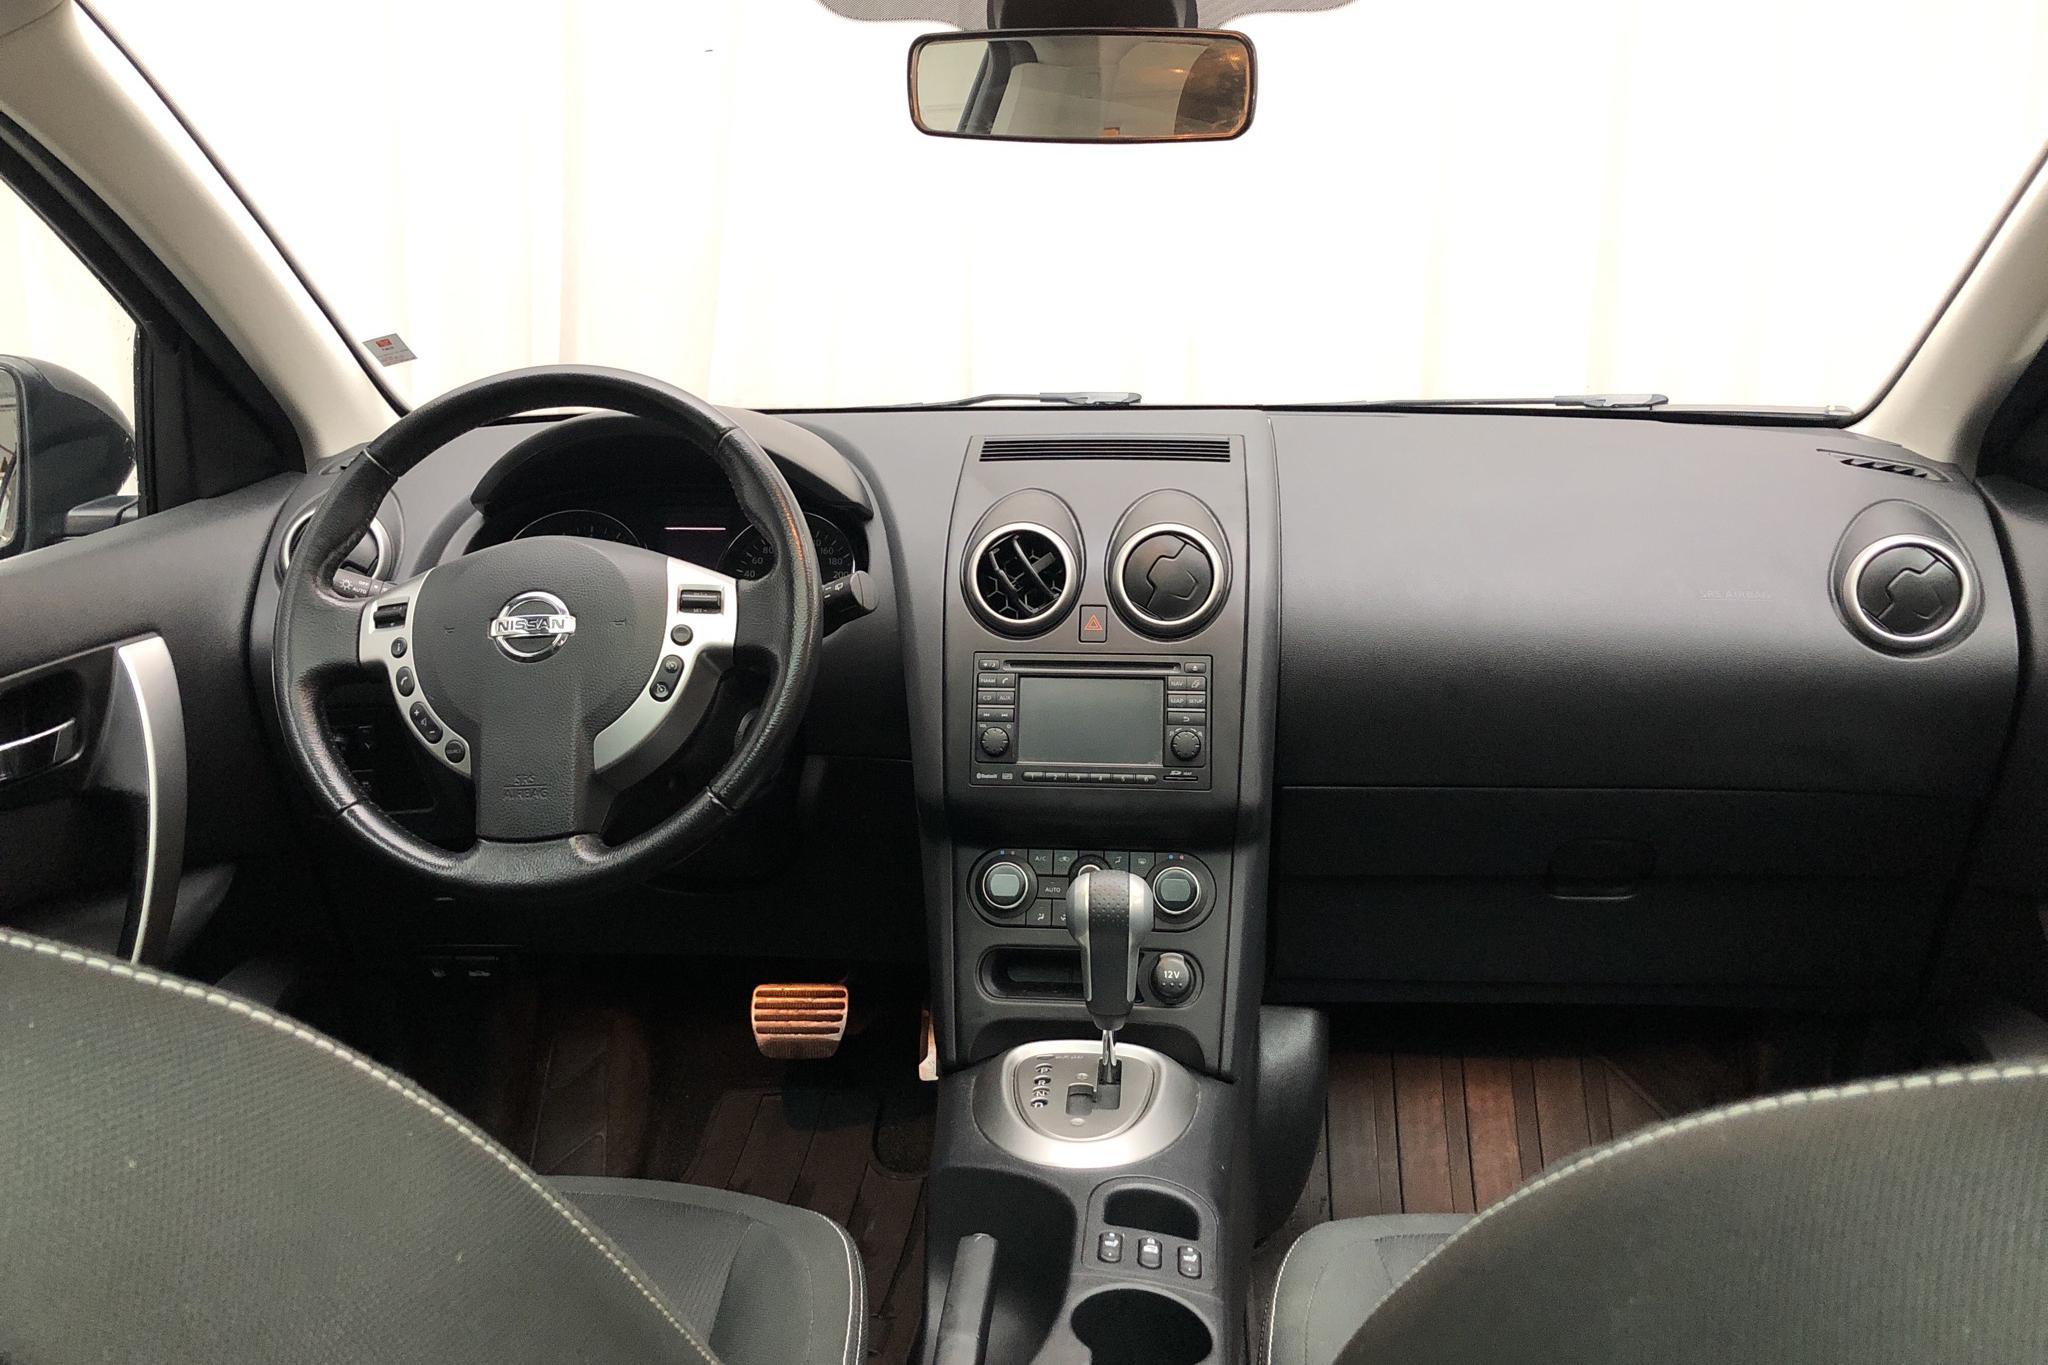 Nissan Qashqai 2.0 (140hk) - 17 239 mil - Automat - svart - 2012